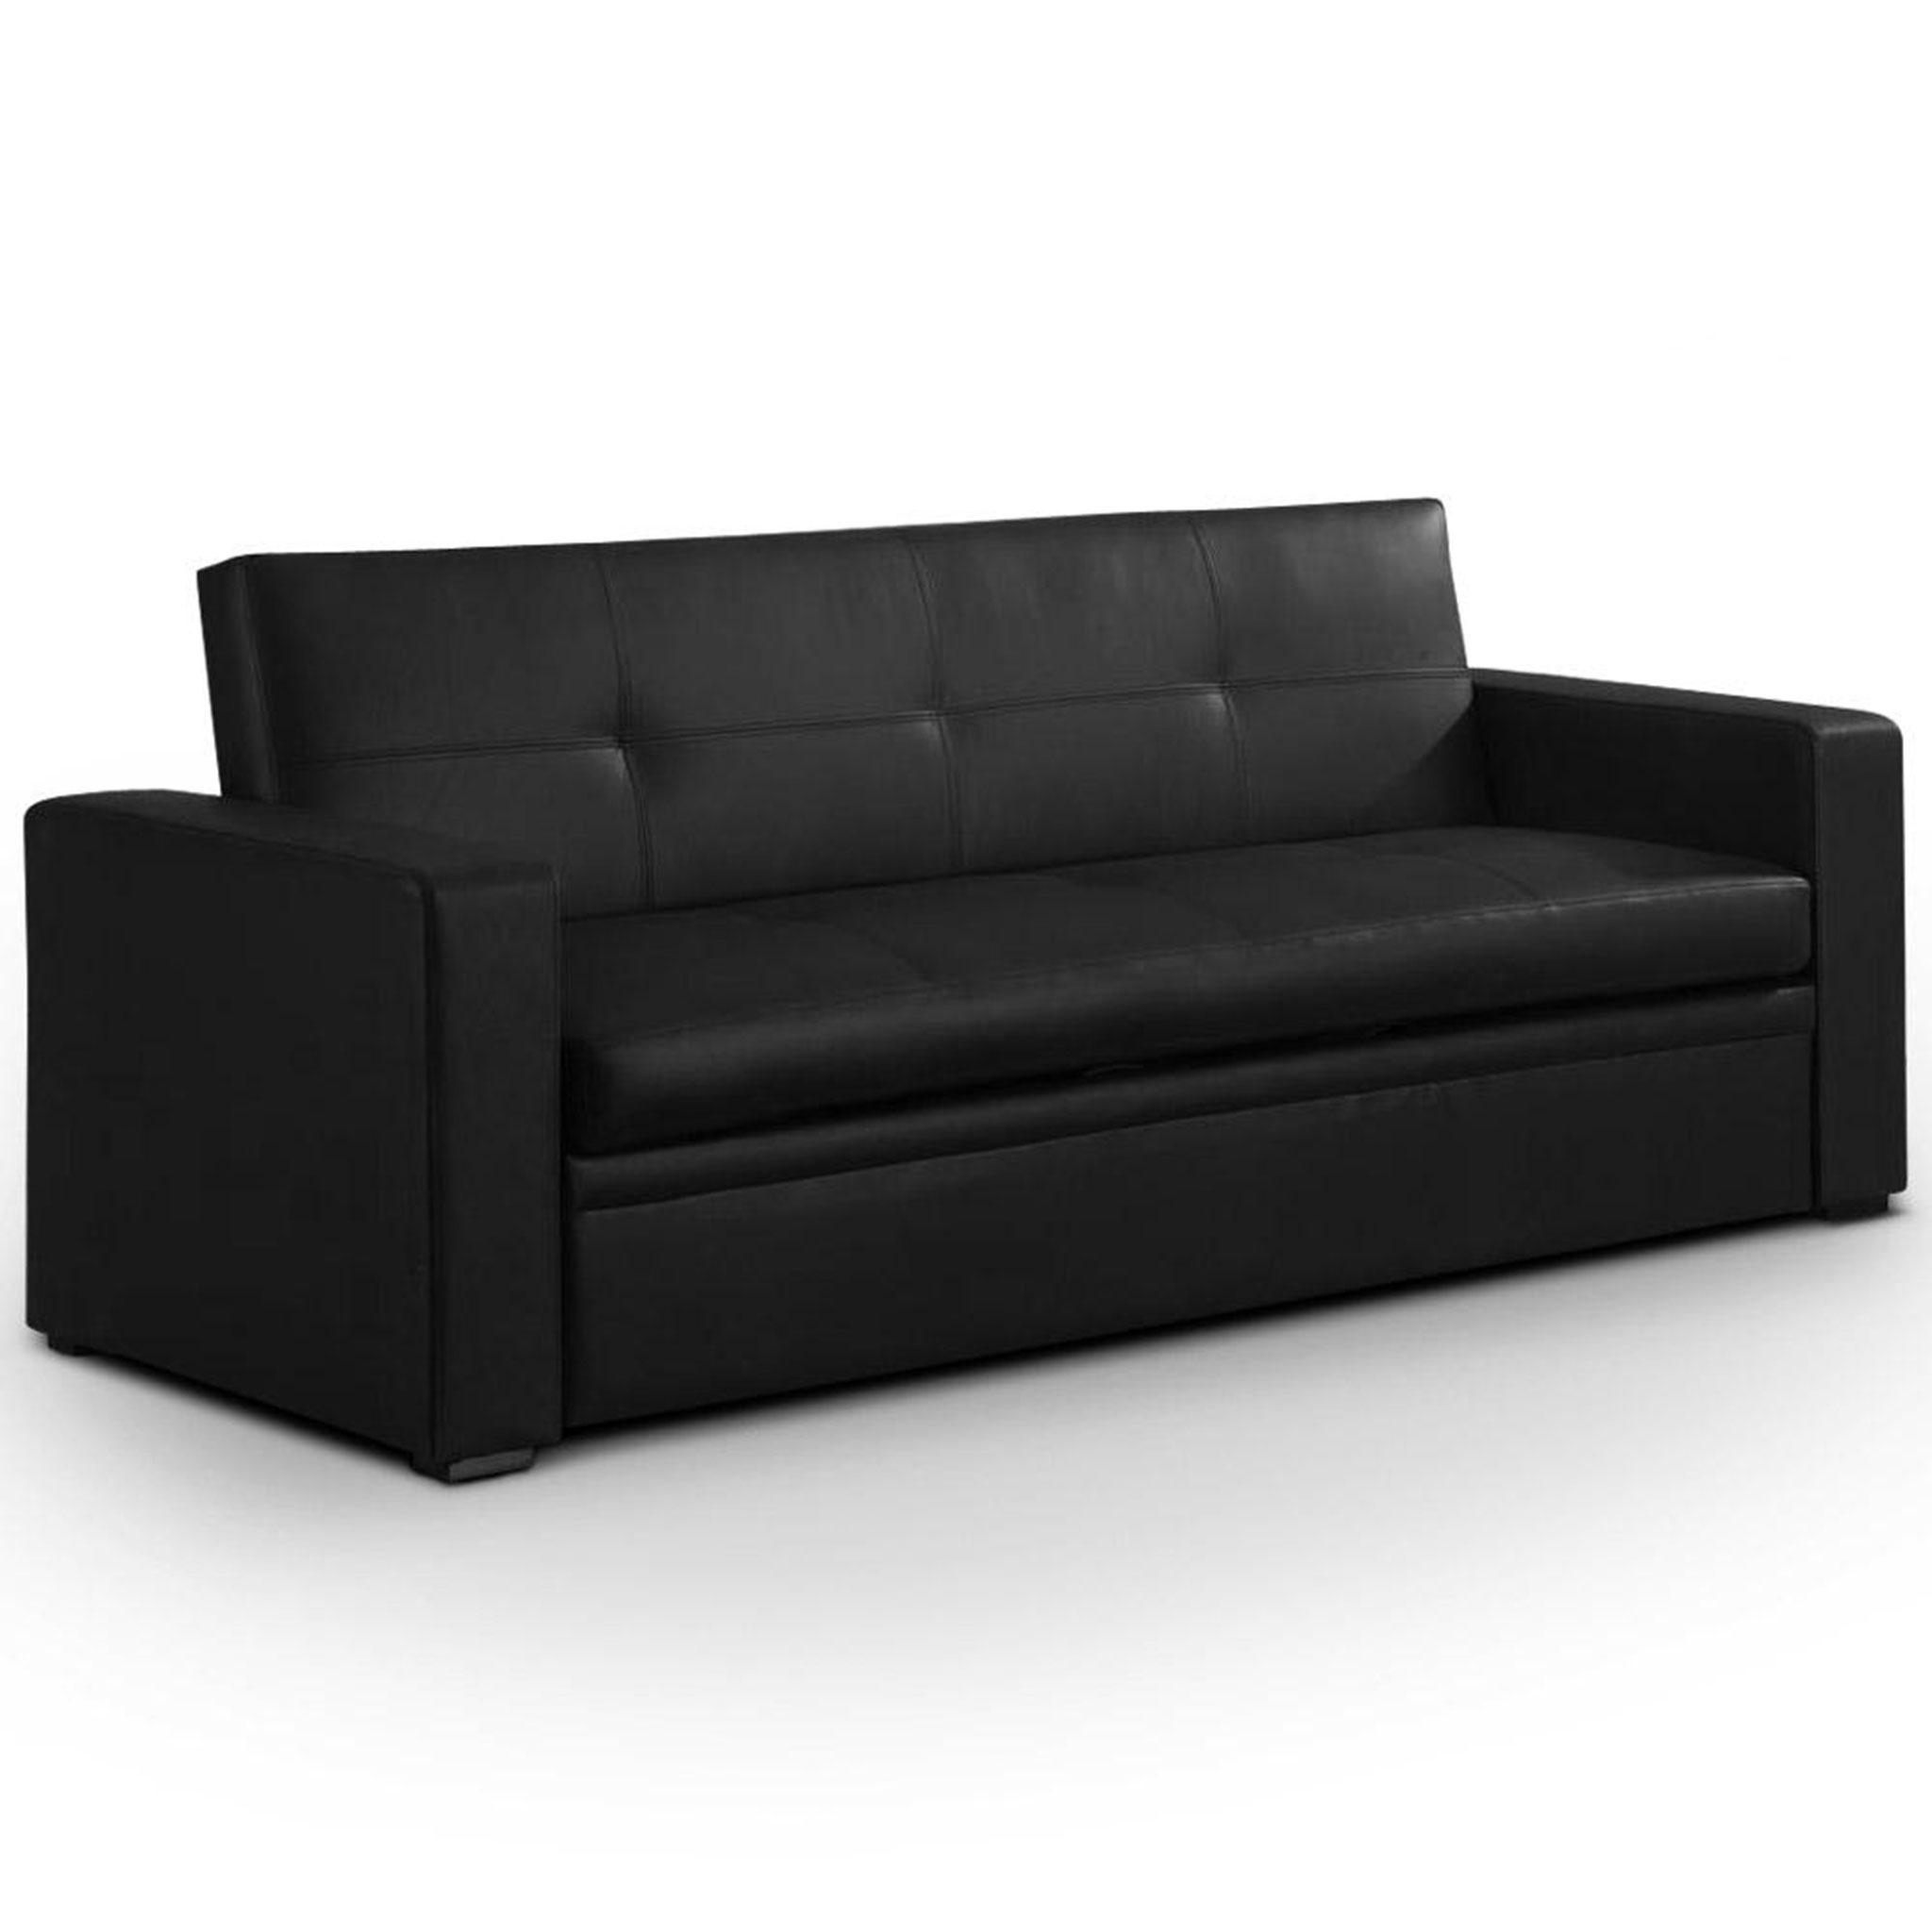 Ikea Canapé Relax Meilleur De Galerie Canap Convertible 3 Places Conforama 11 Lit 2 Pas Cher Ikea but